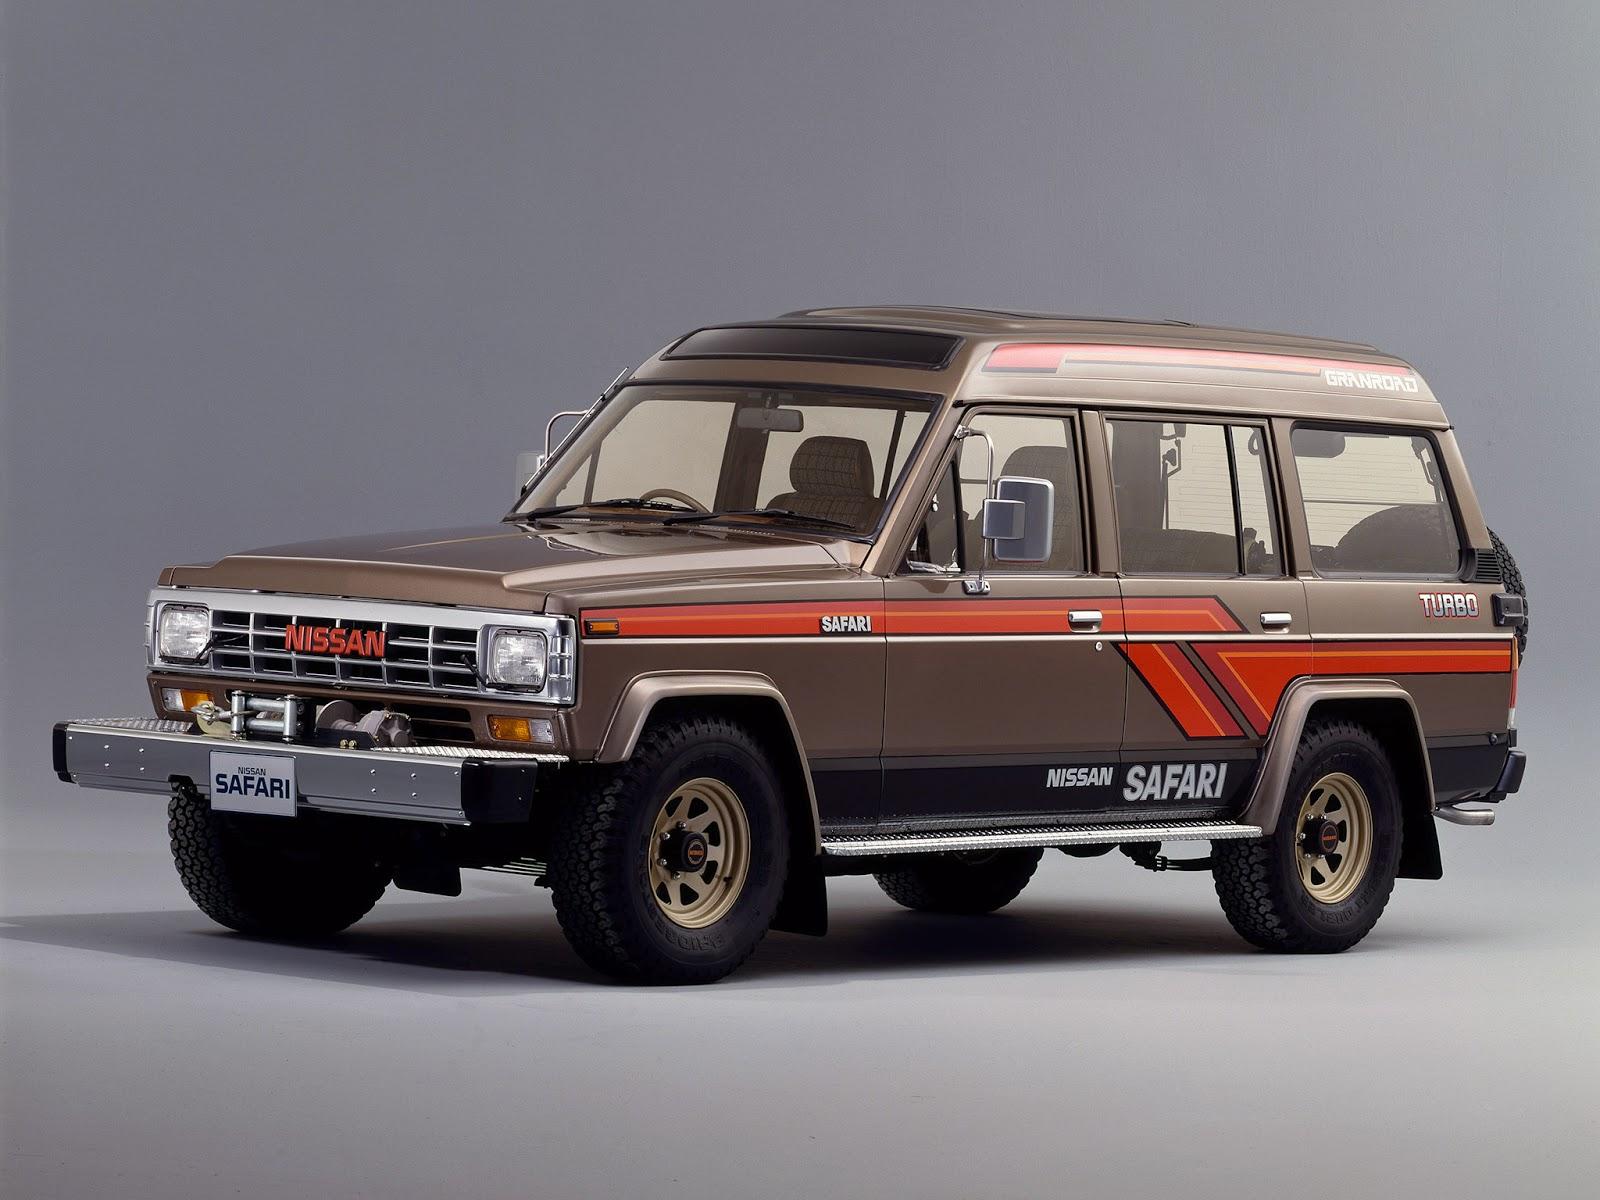 80shero The Mq Mk 160 Series Patrol